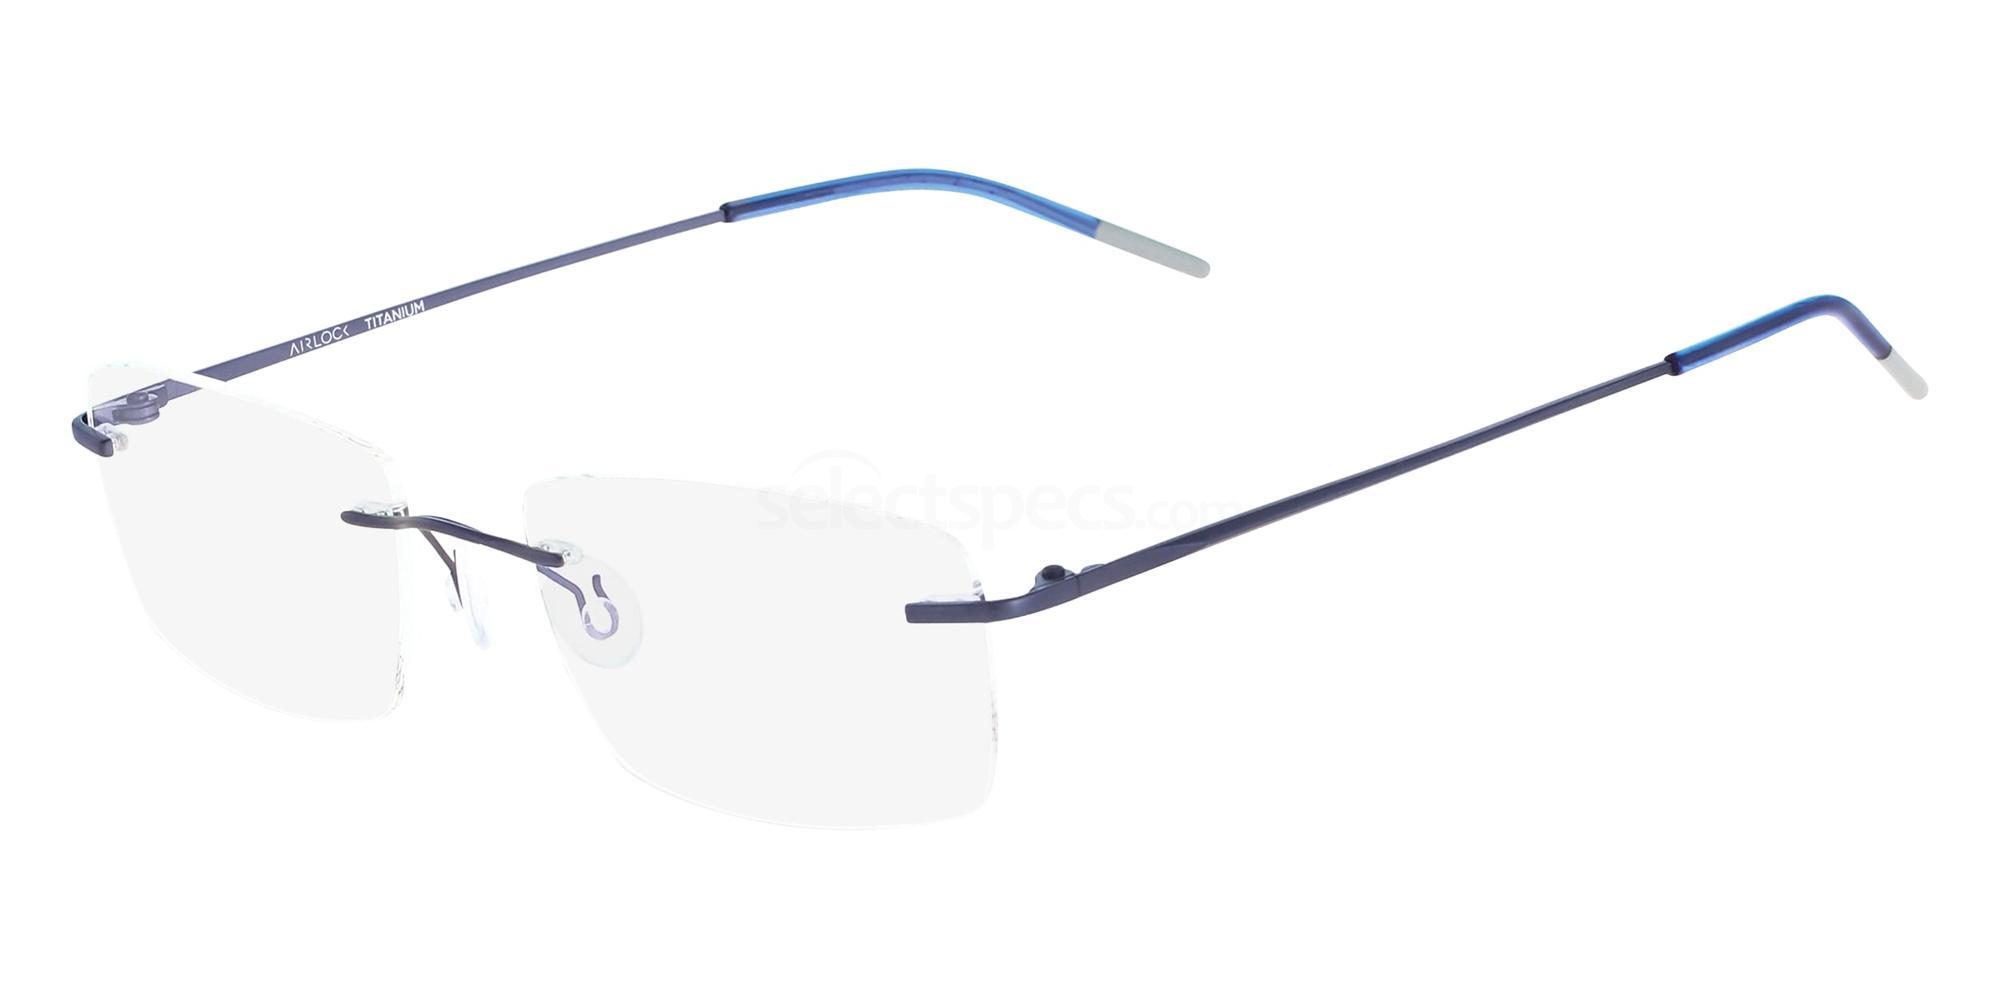 424 WISDOM 202 Glasses, Pure